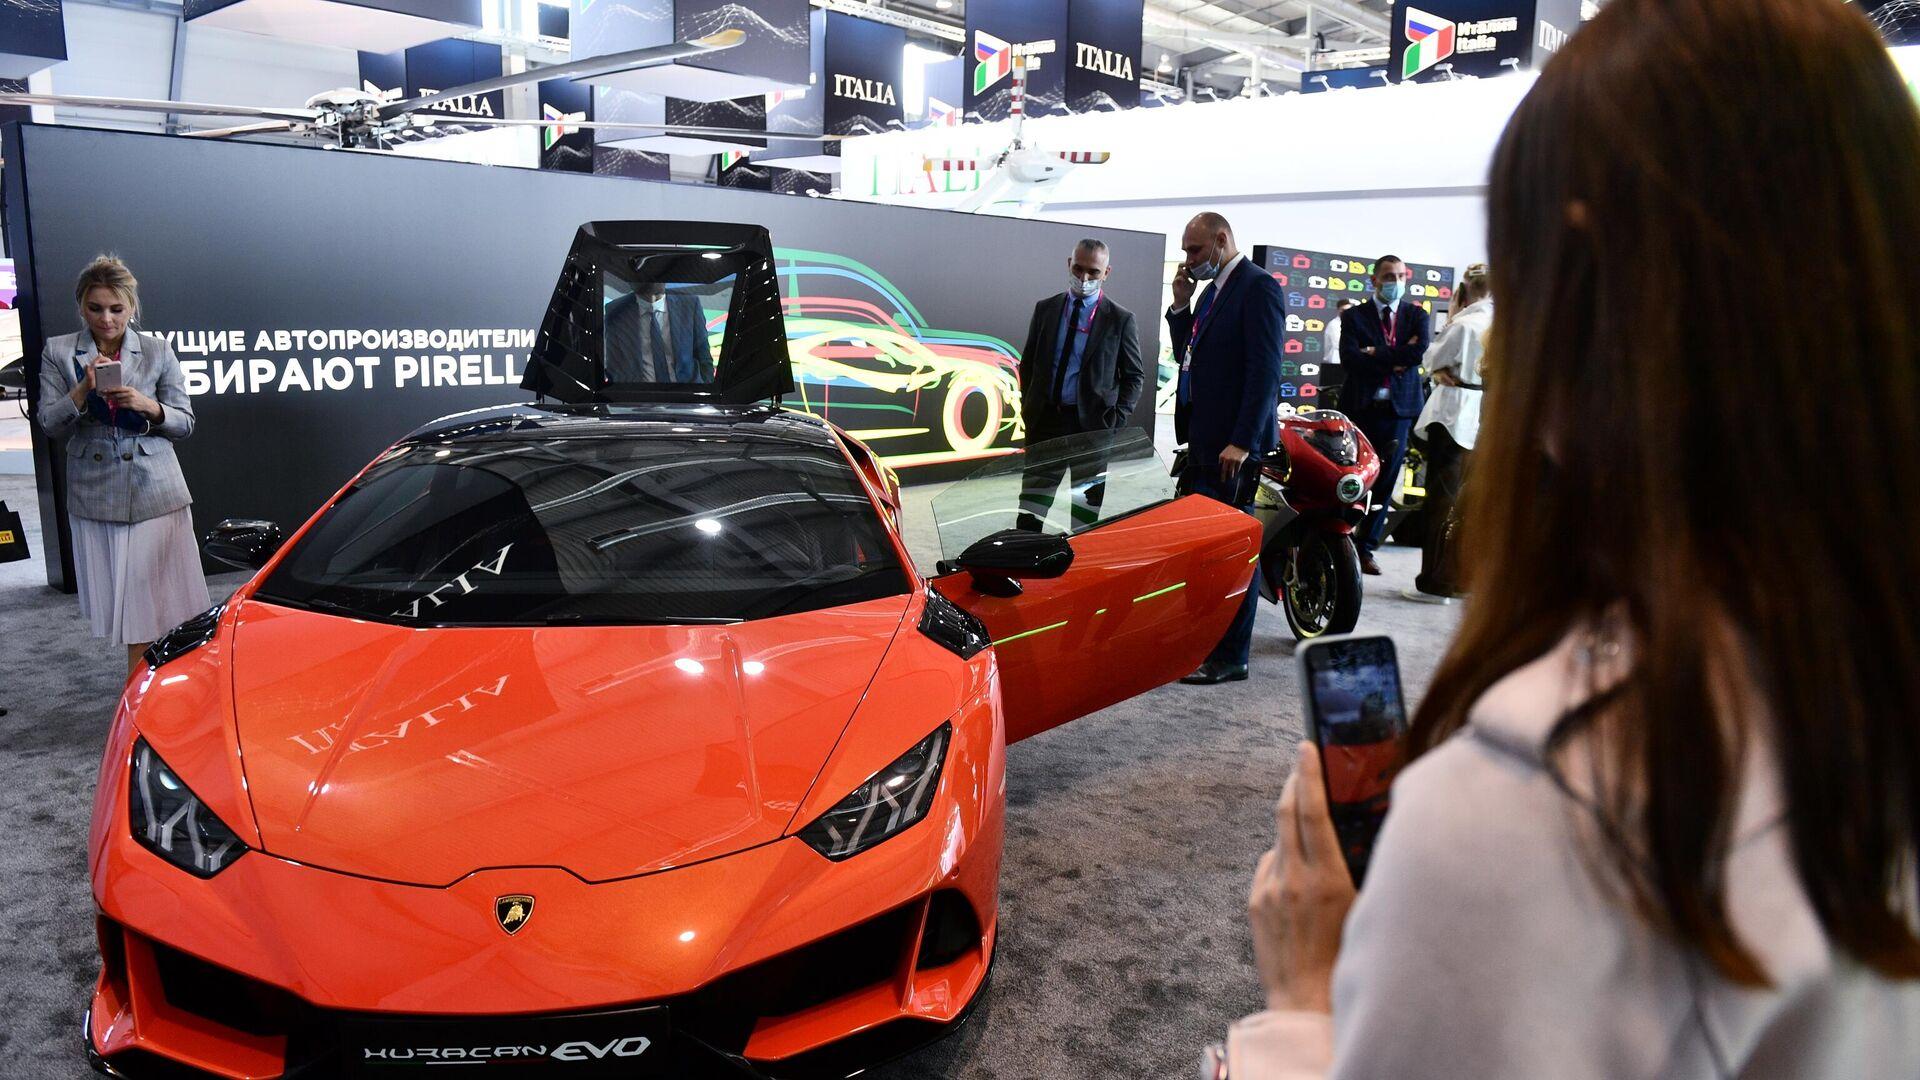 Una Lamborghini Huracan Evo al padiglione dell'Italia ad INNOPROM 2021 - Sputnik Italia, 1920, 12.07.2021